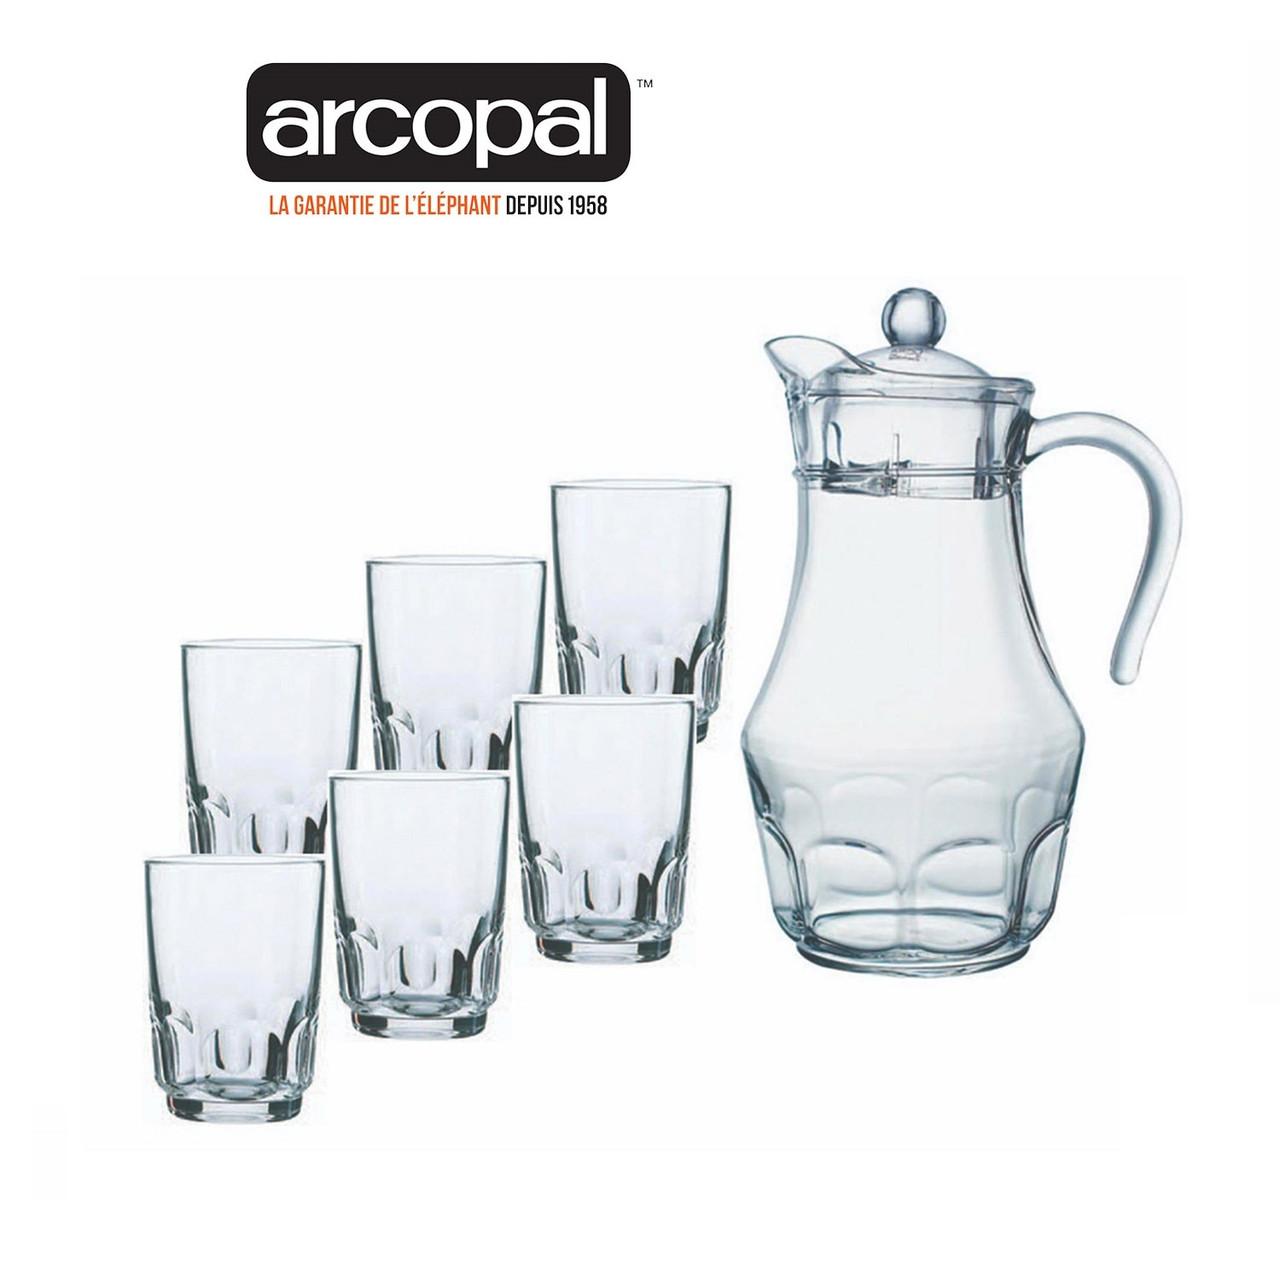 Графин со стаканами Arcopal Roc (7 предметов)